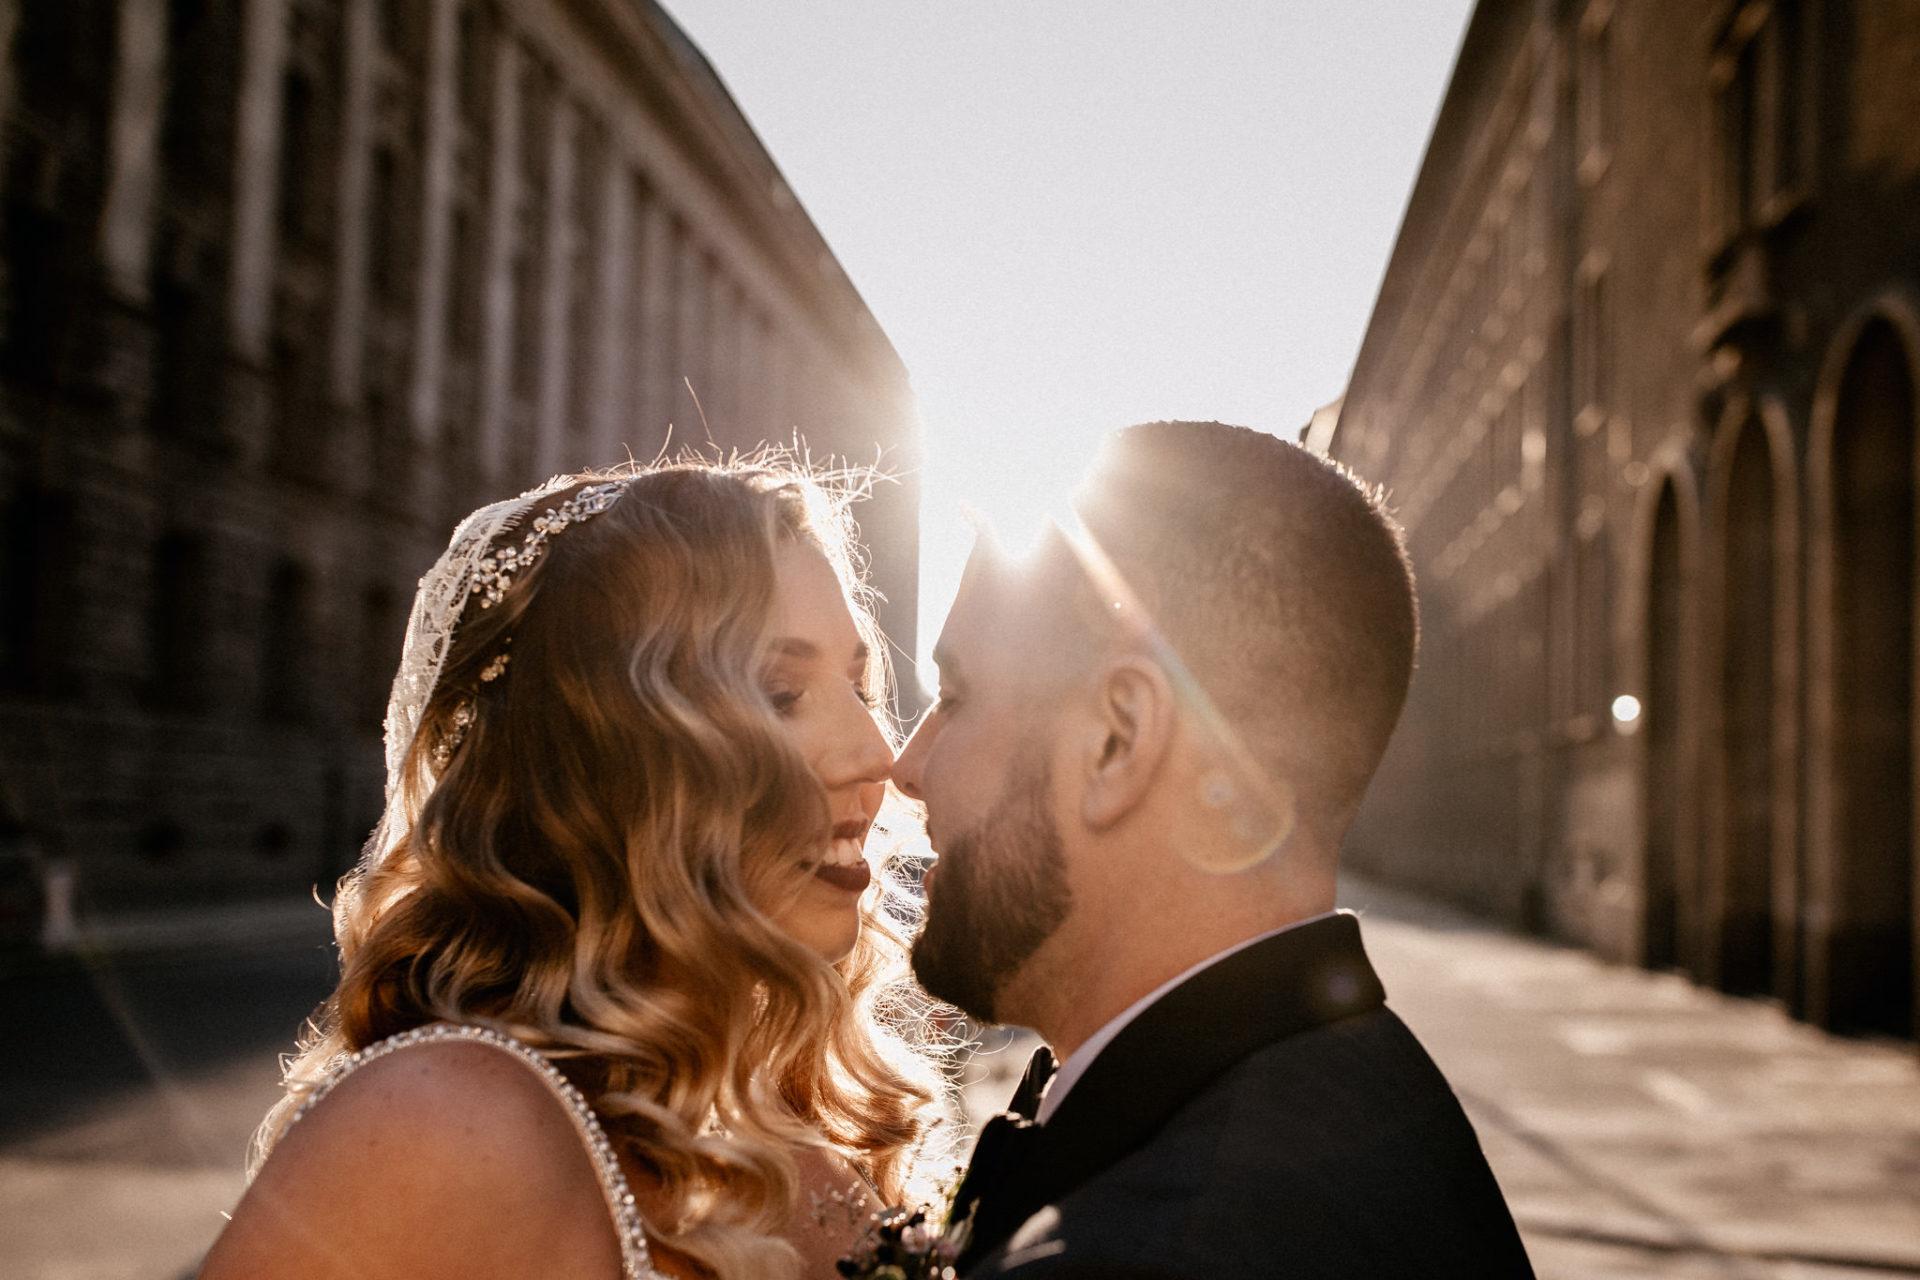 dokumentarische Hochzeitsfotografie-hochzeitsfotograf hotel am steinplatt berlin-ungestellte Portraits-glamuroese Hochzeit-dresscode-elegante braut-kubanische Hochzeit-kopflegenden blusen-heiraten parochialkirche alexanderturm